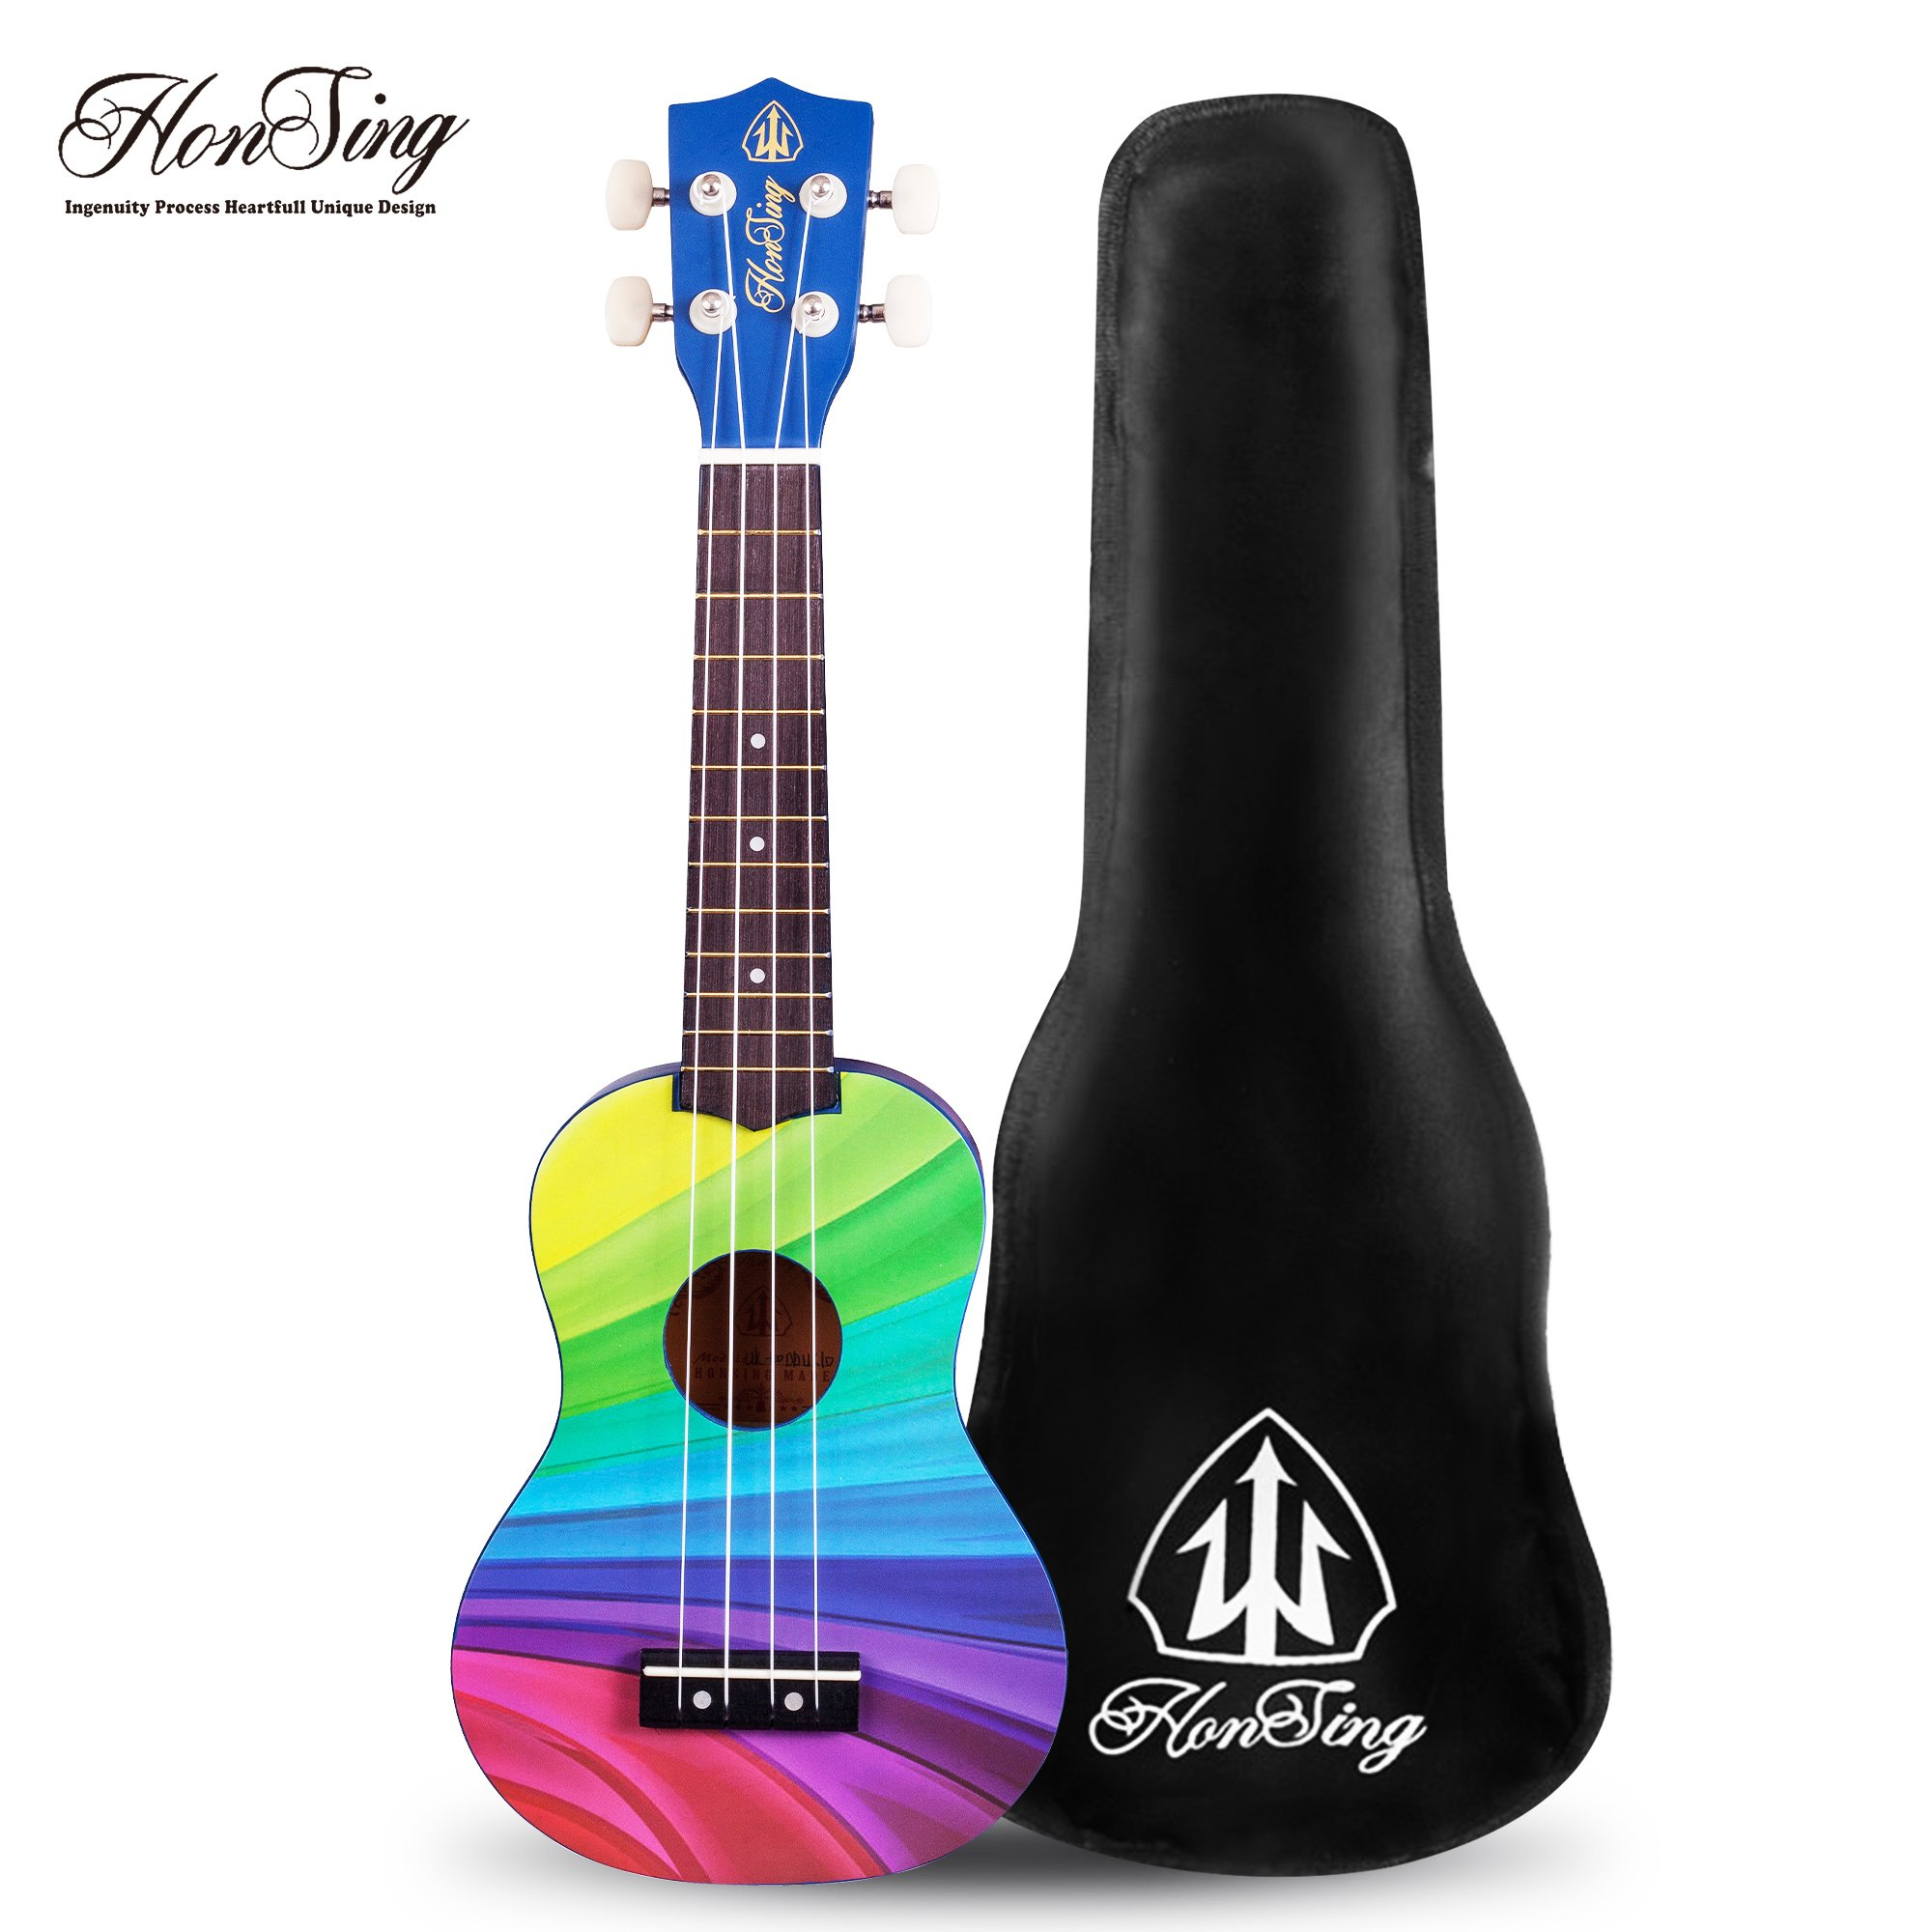 Honsing Soprano Rainbow Ukulele Beginner Hawaii kids Guitar Uke Basswood 21 inches with Gig Bag- Rainbow Stripes Color matte finish